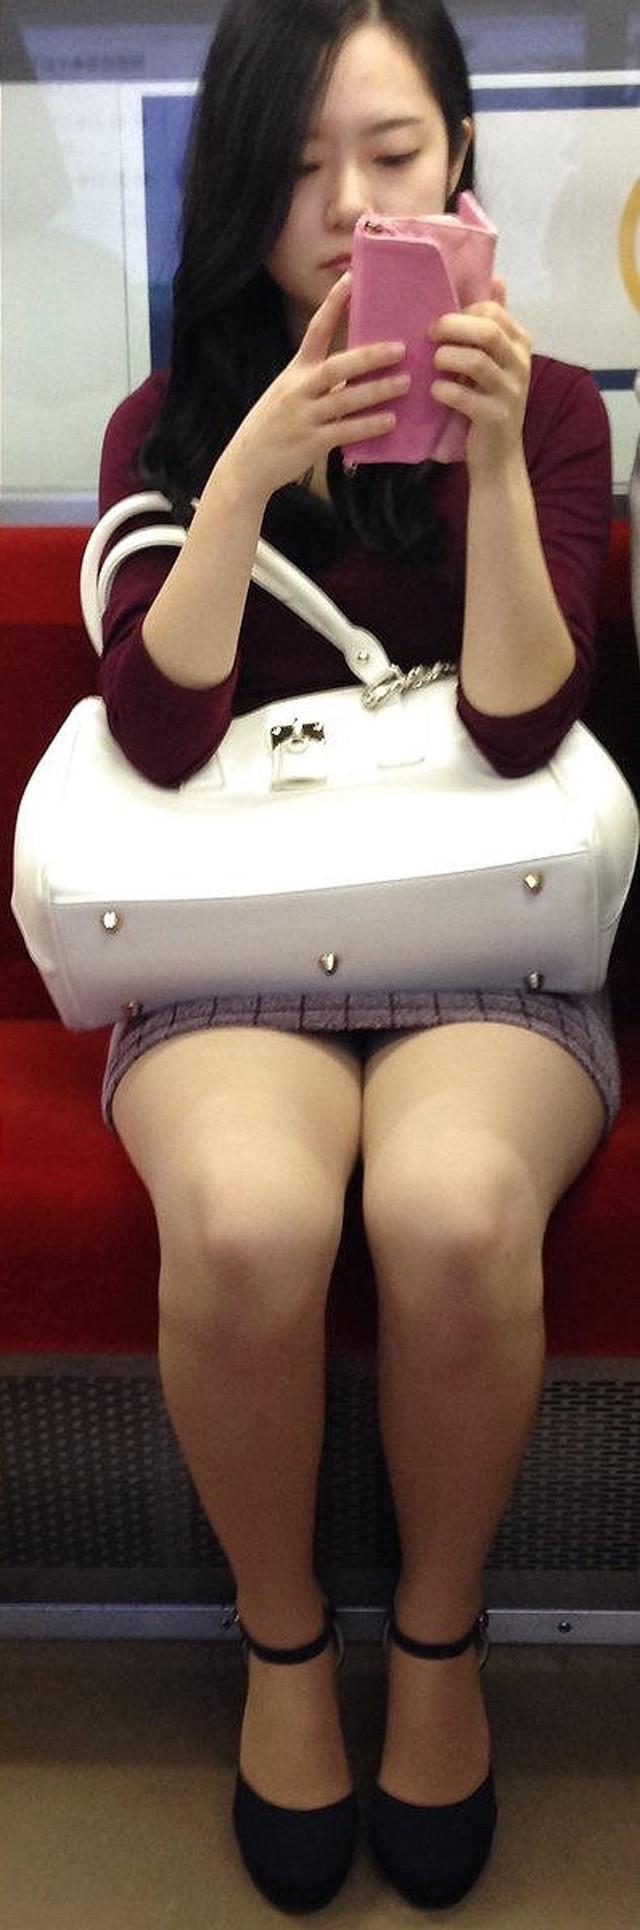 ロングヘアの清楚な女性の美脚を盗撮!